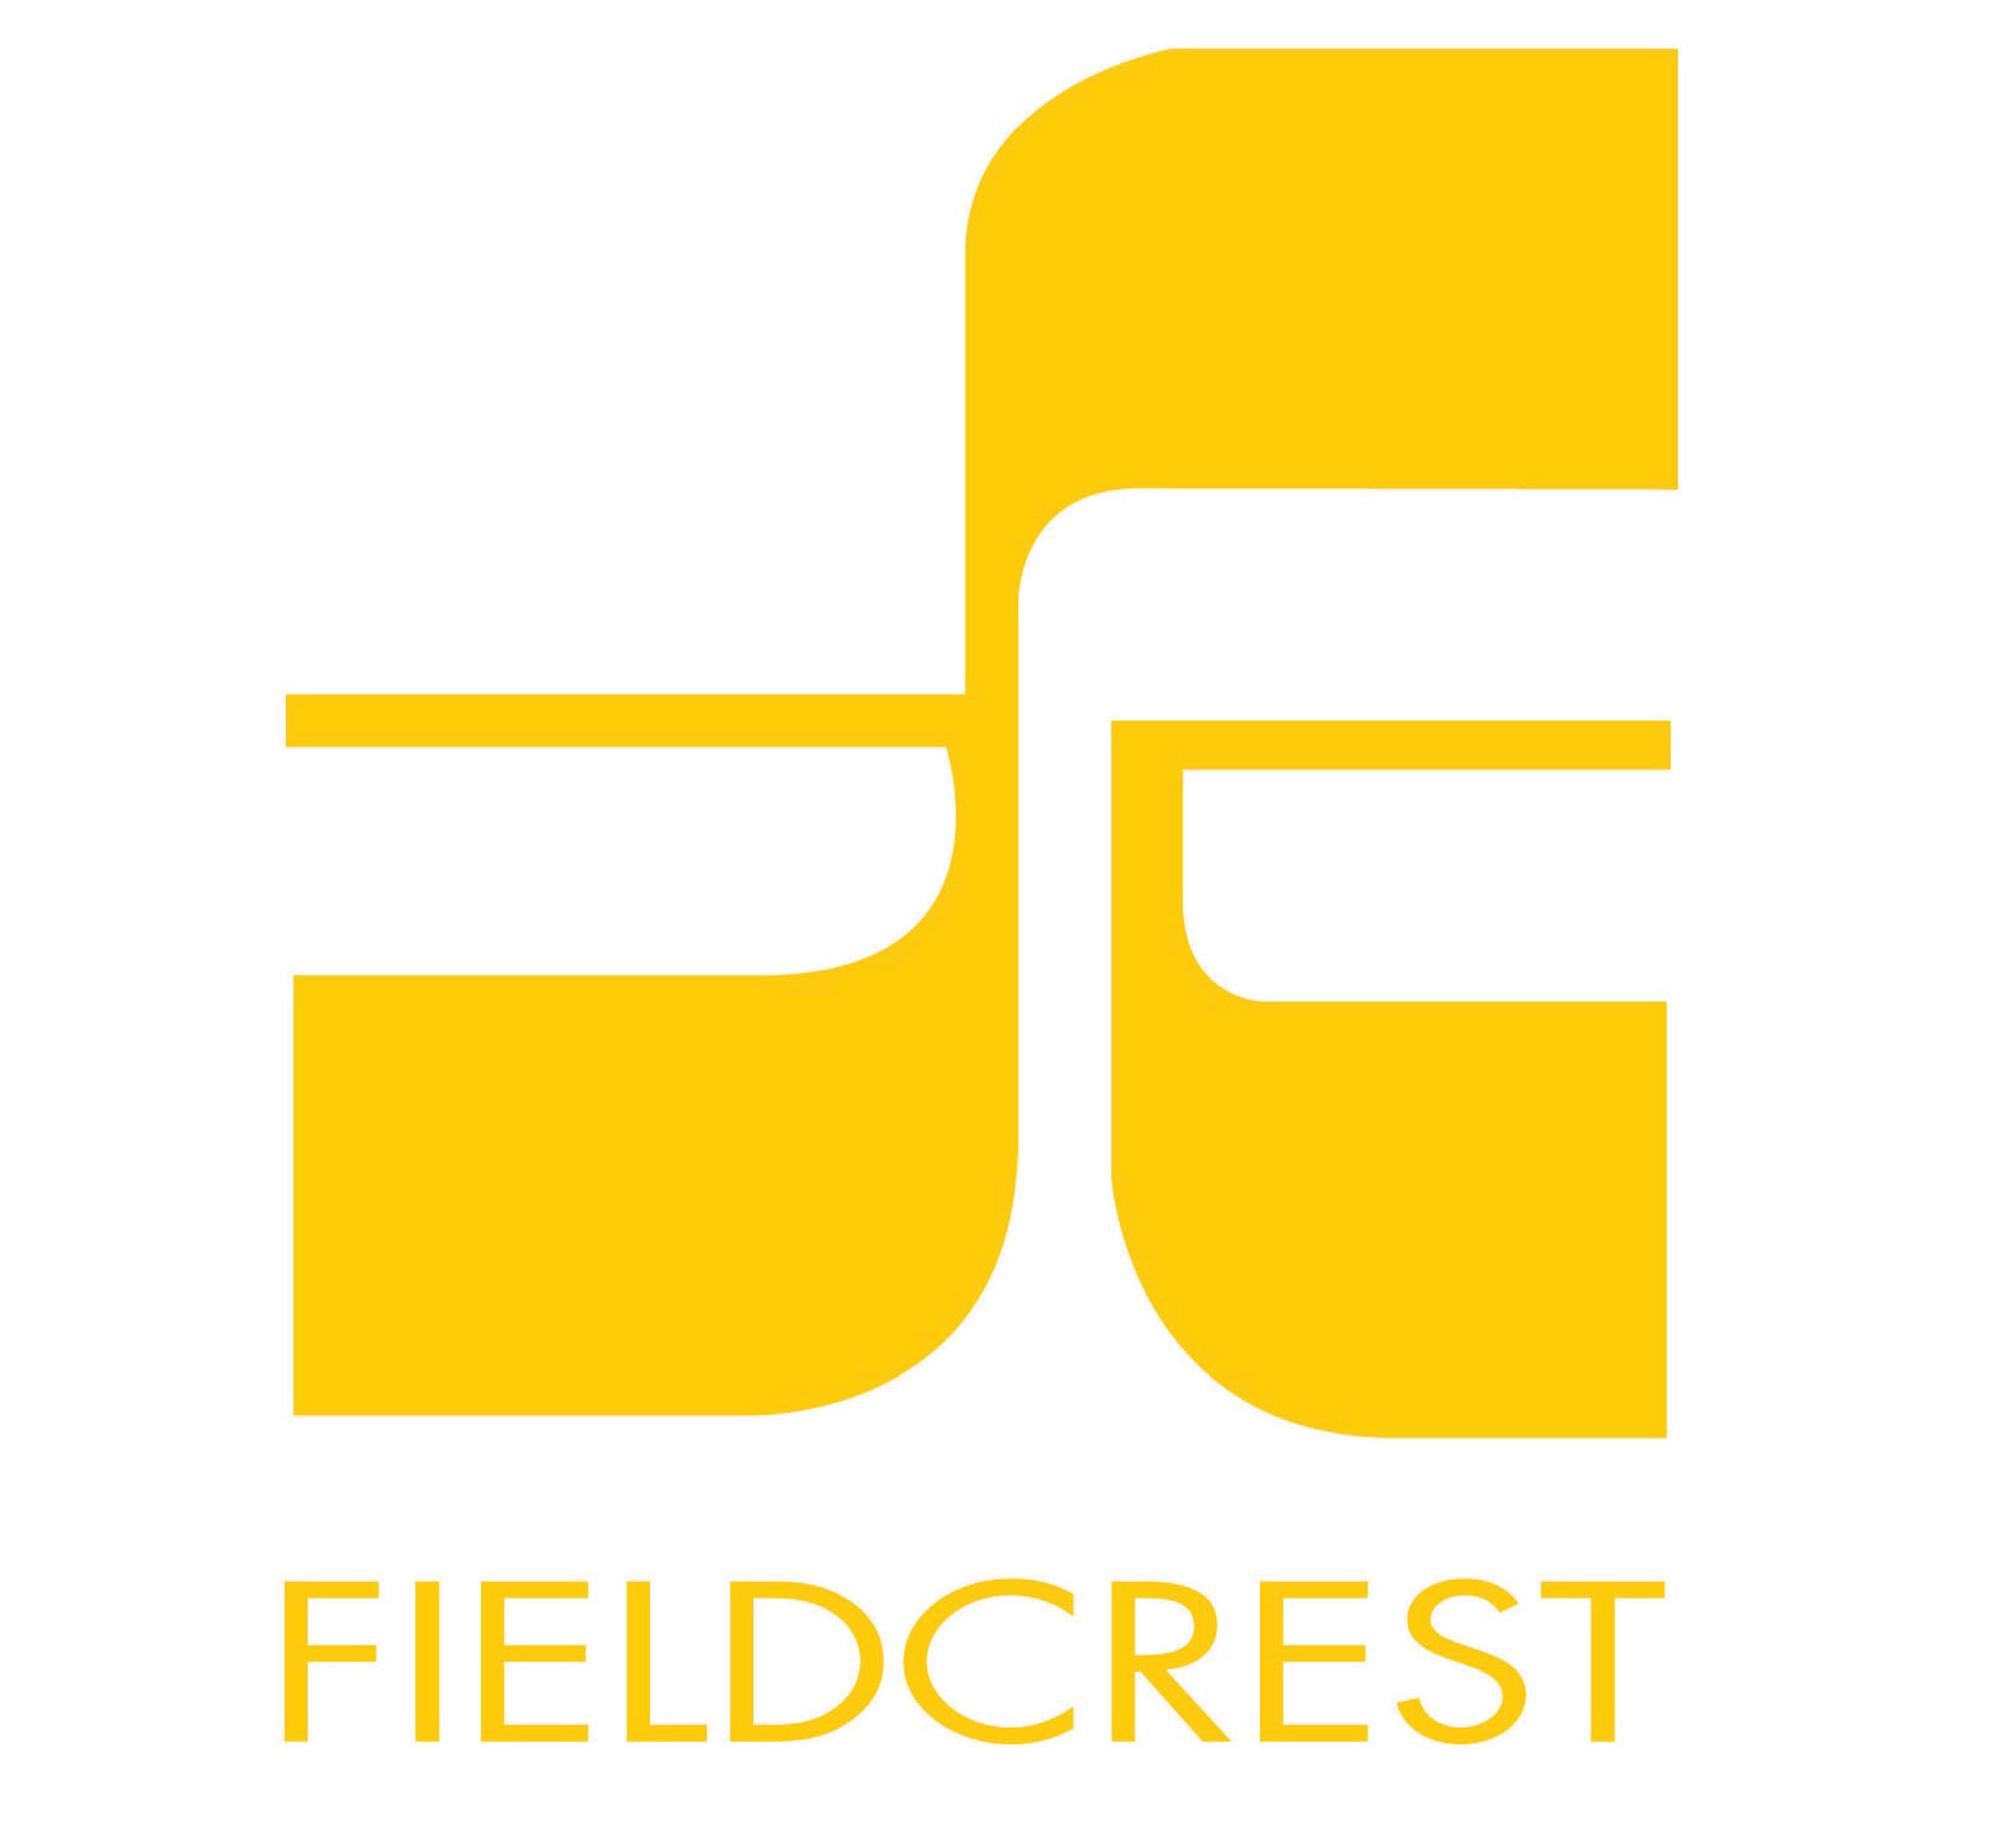 Fieldcrest Enterprise